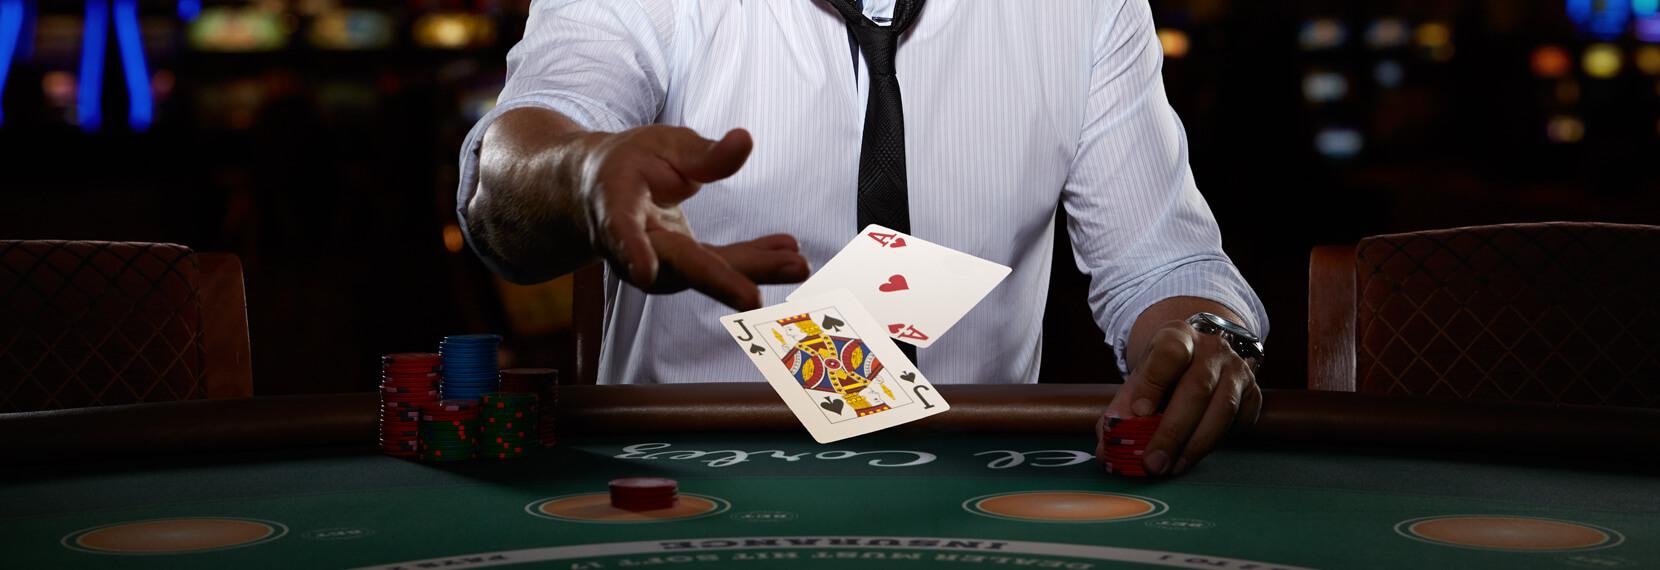 Blackjack en ligne: faites preuve de stratégie